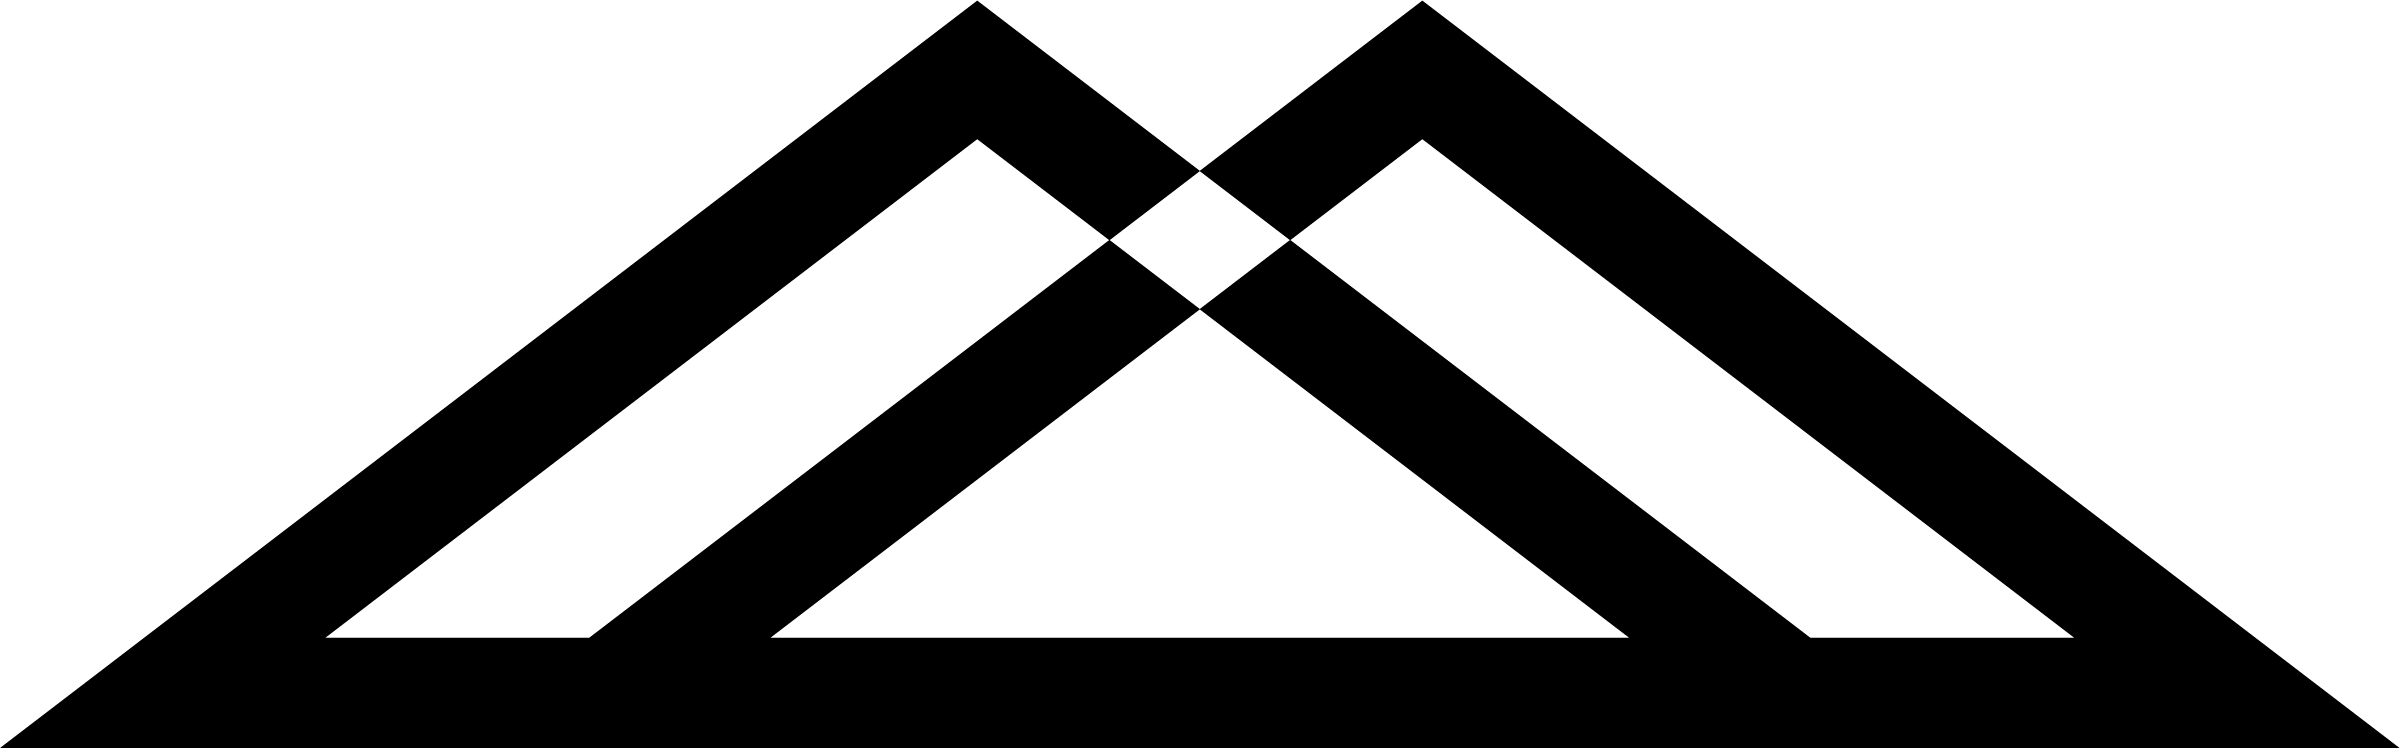 Potential Motors logo icon